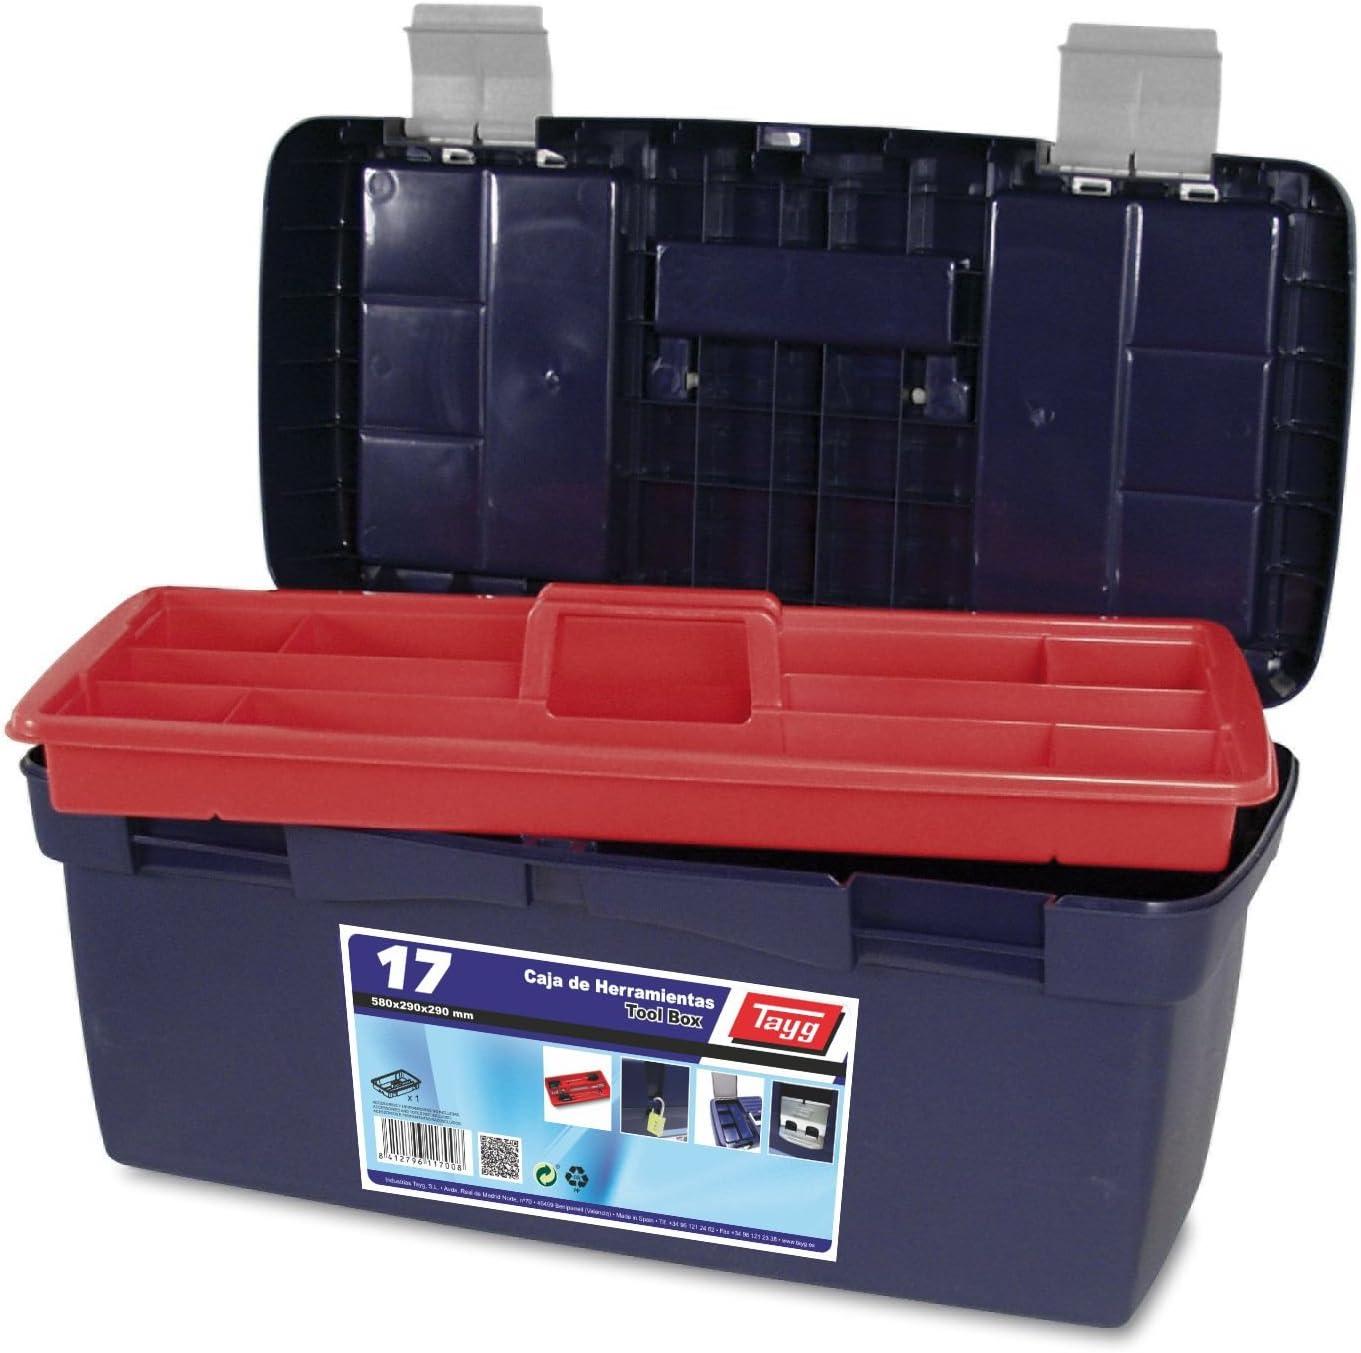 Tayg 17 Caja herramientas plástico n.17, 580 x 290 x 290 mm: Amazon.es: Bricolaje y herramientas